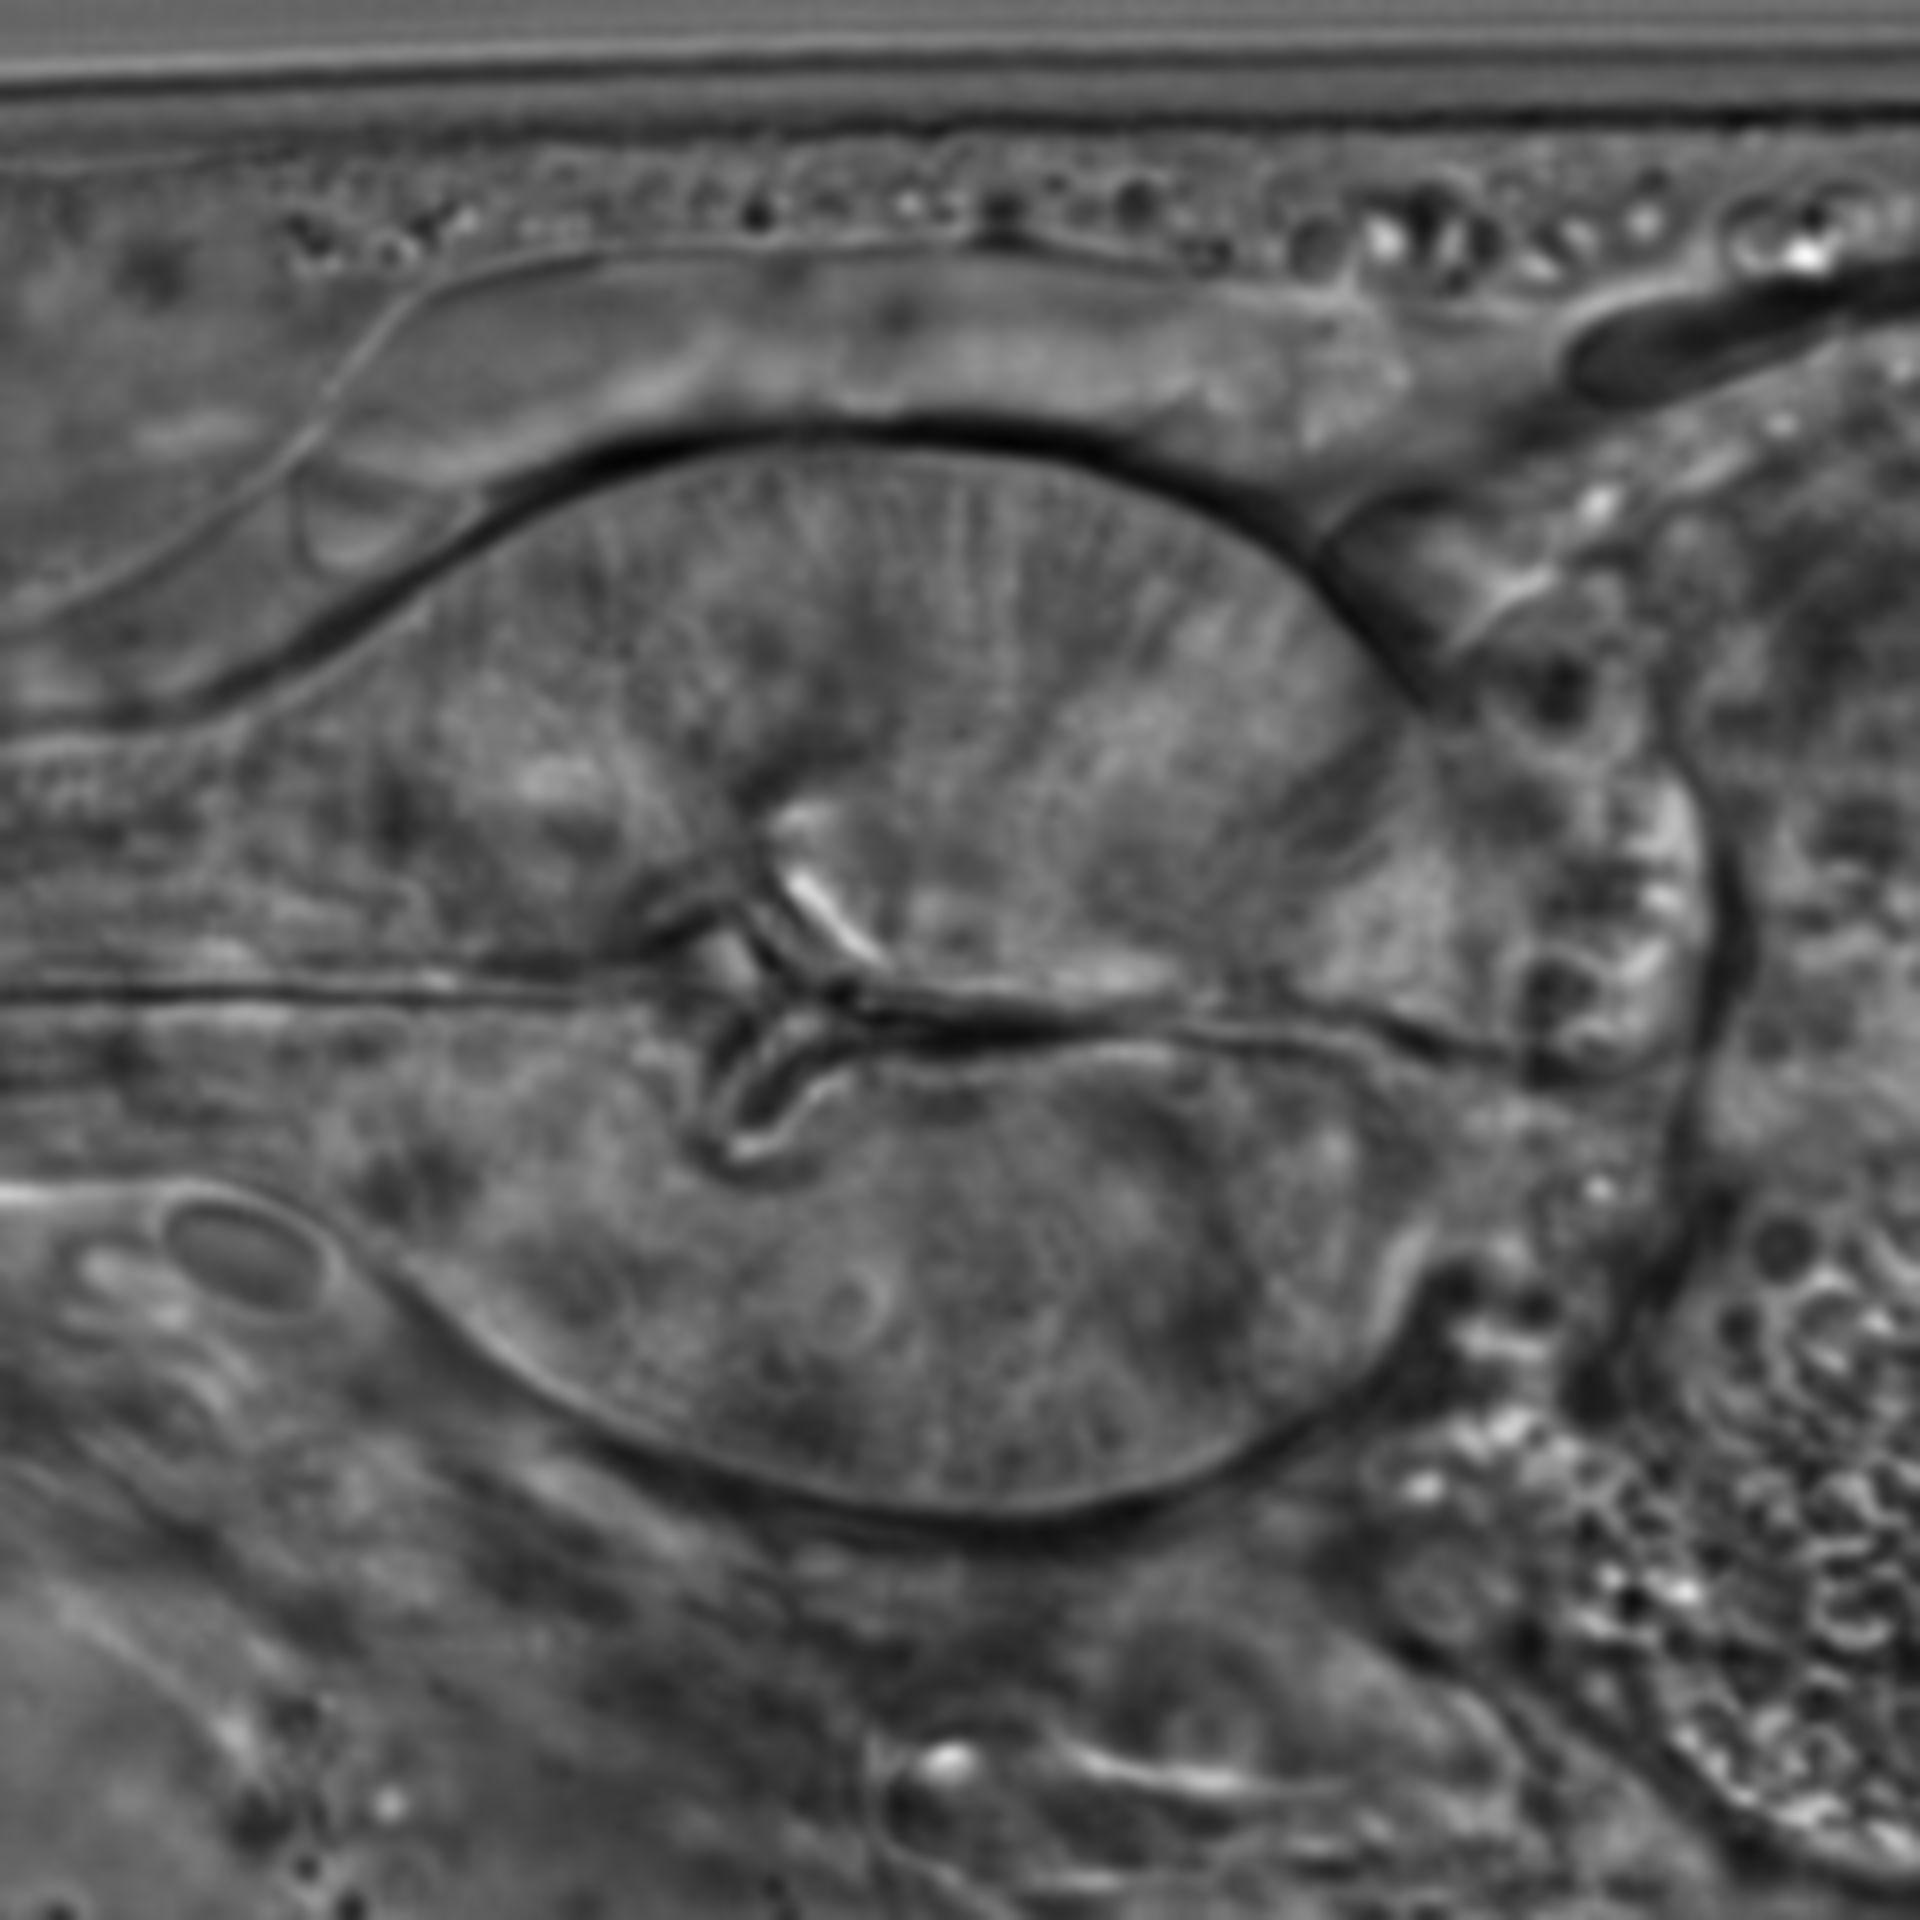 Caenorhabditis elegans - CIL:1590